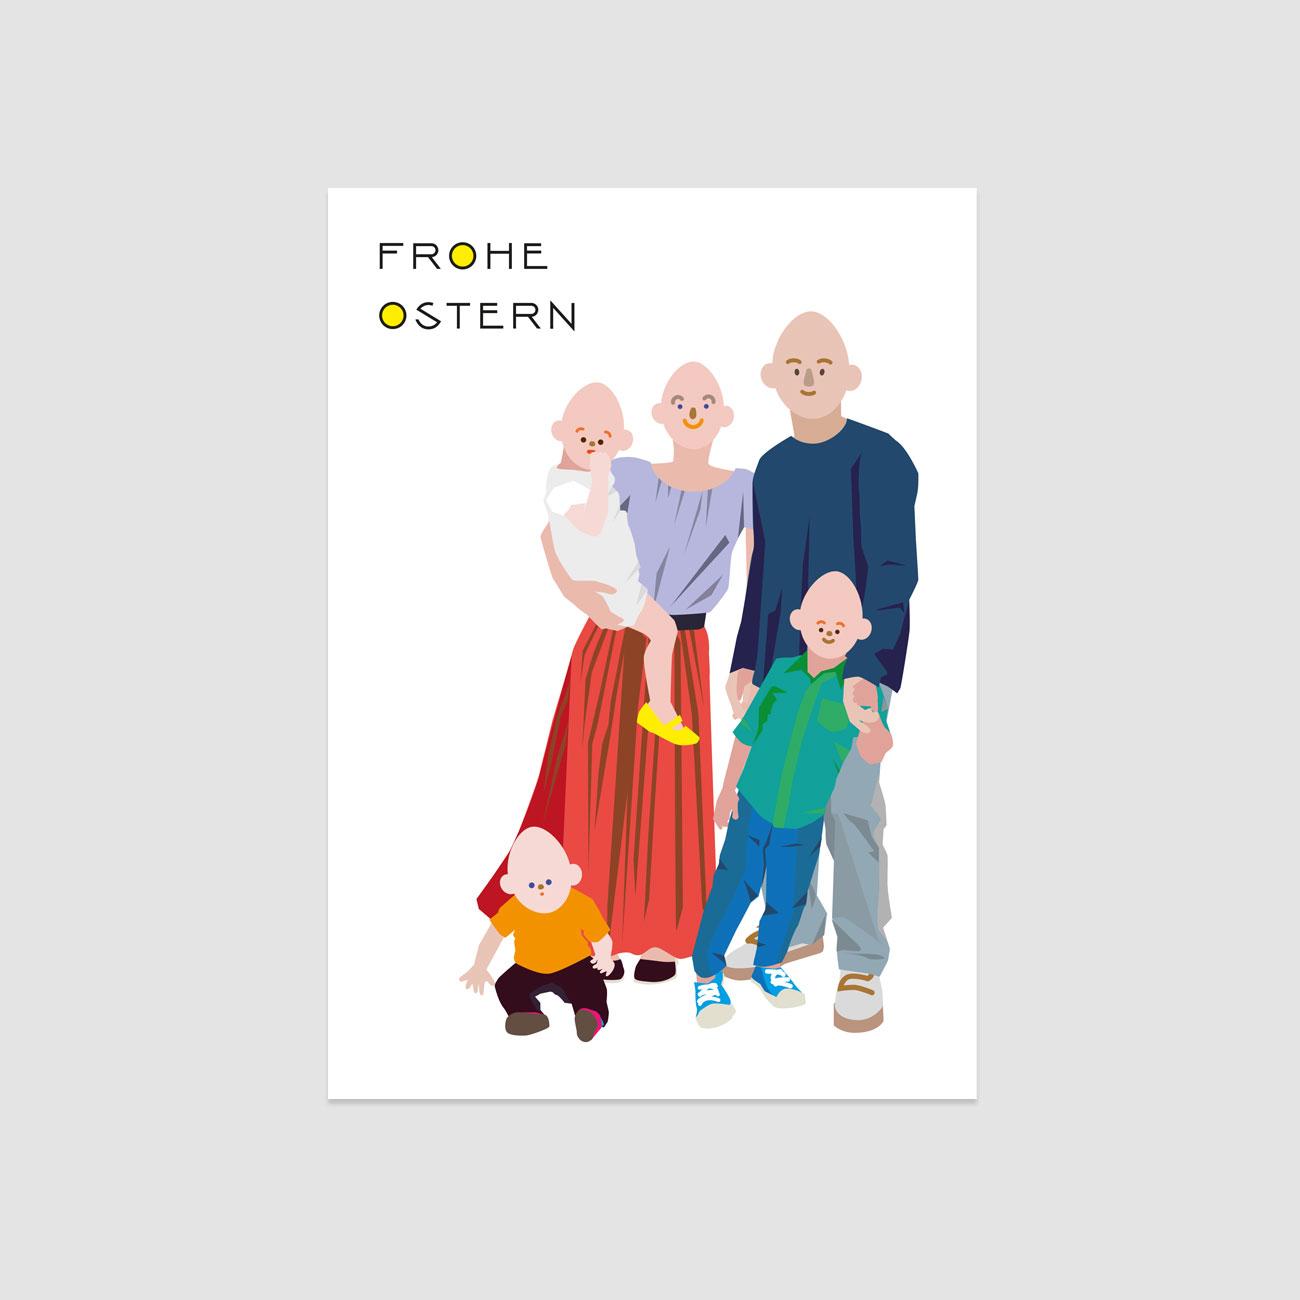 Frohe Ostern Postkarte, illustrierte Familie mit Eierköpfen, bunt,